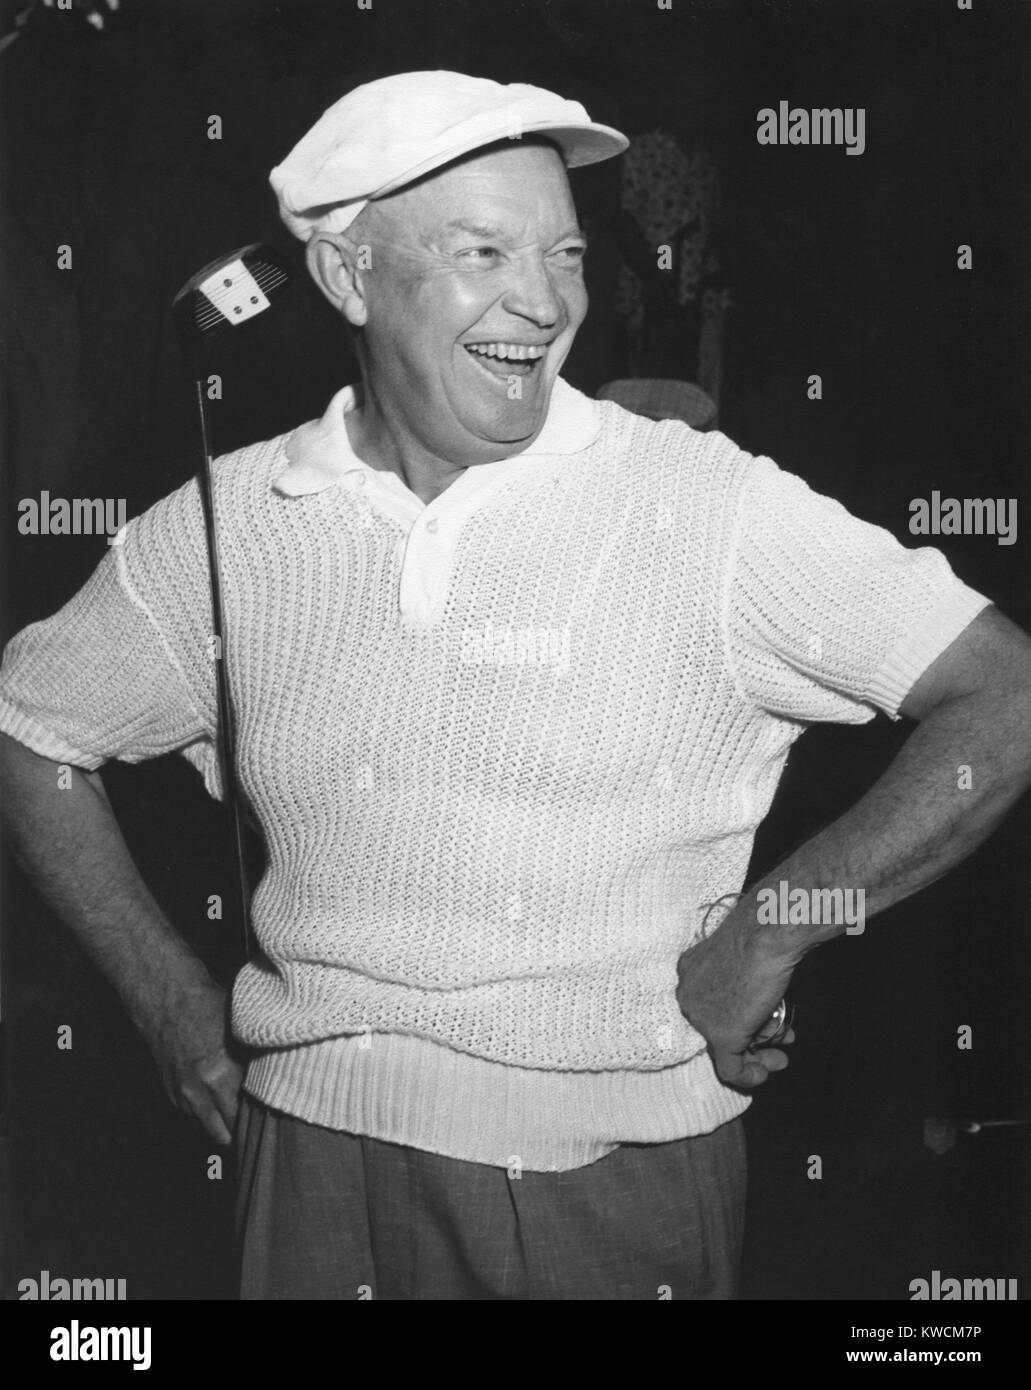 Le président Dwight Eisenhower souriant alors que le golf. Ca. 1954. - BSLOC__2014 (14_33) Banque D'Images